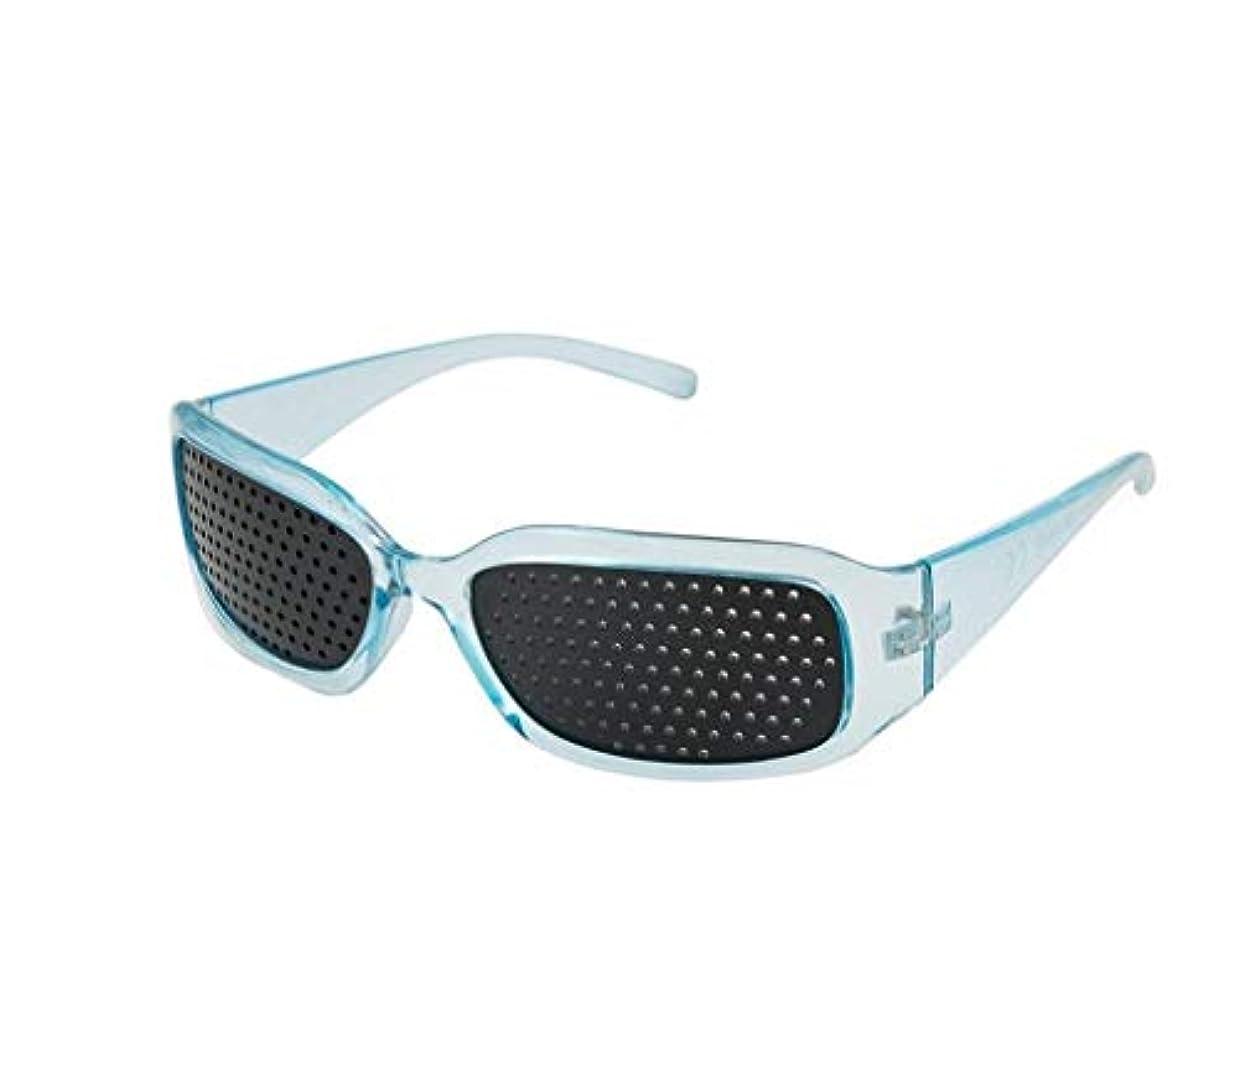 主にホラー上へユニセックス視力ビジョンケアビジョンピンホールメガネアイズエクササイズファッションナチュラル (Color : 青)